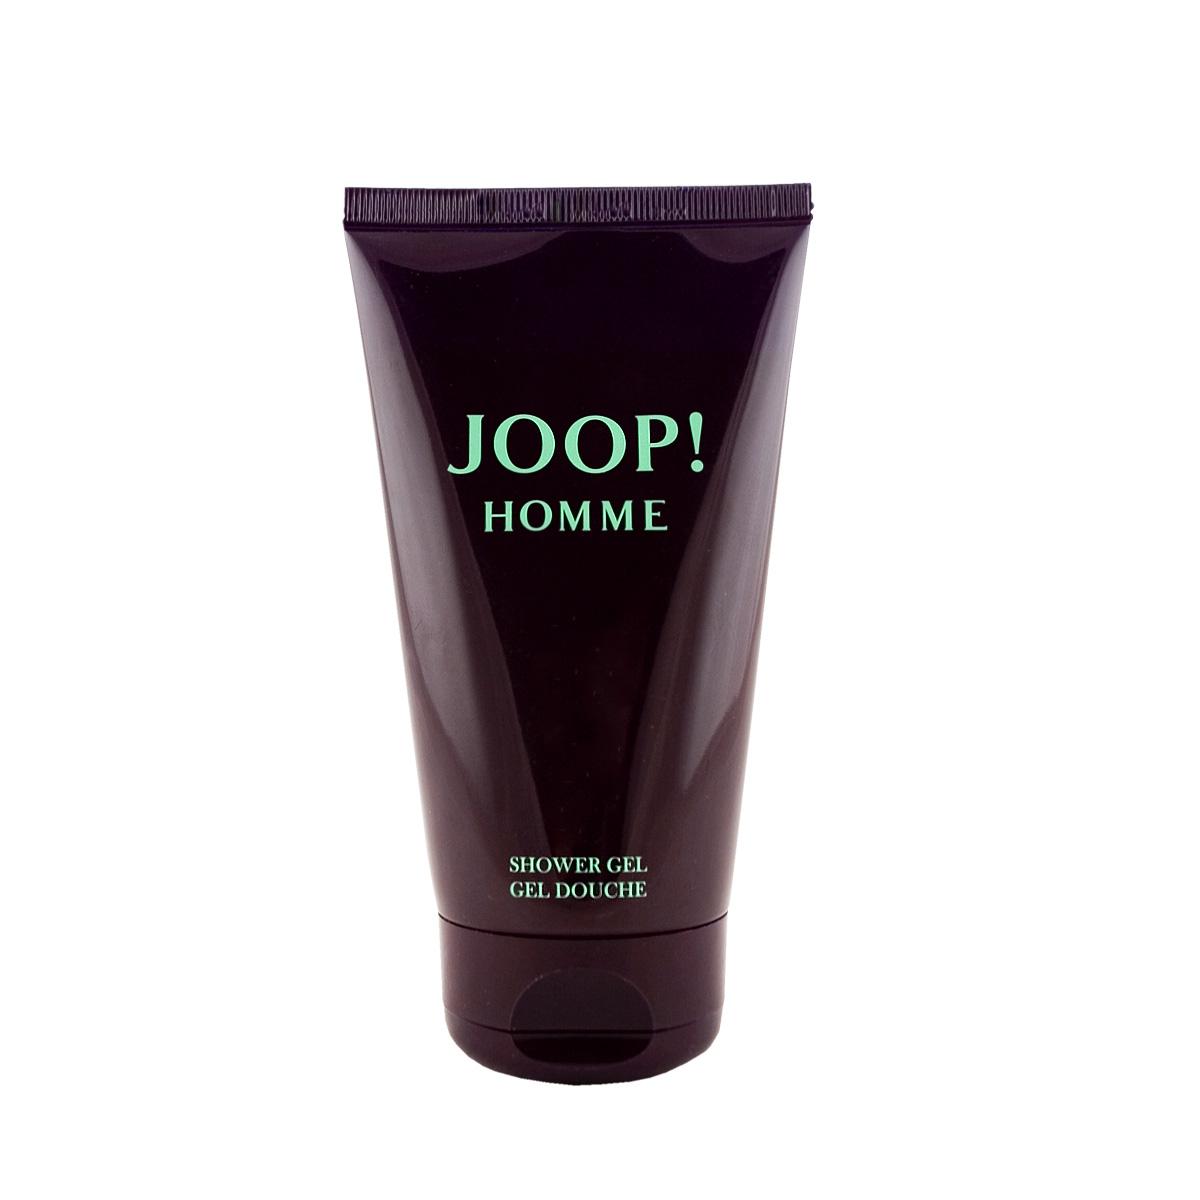 JOOP Homme SG 150 ml M